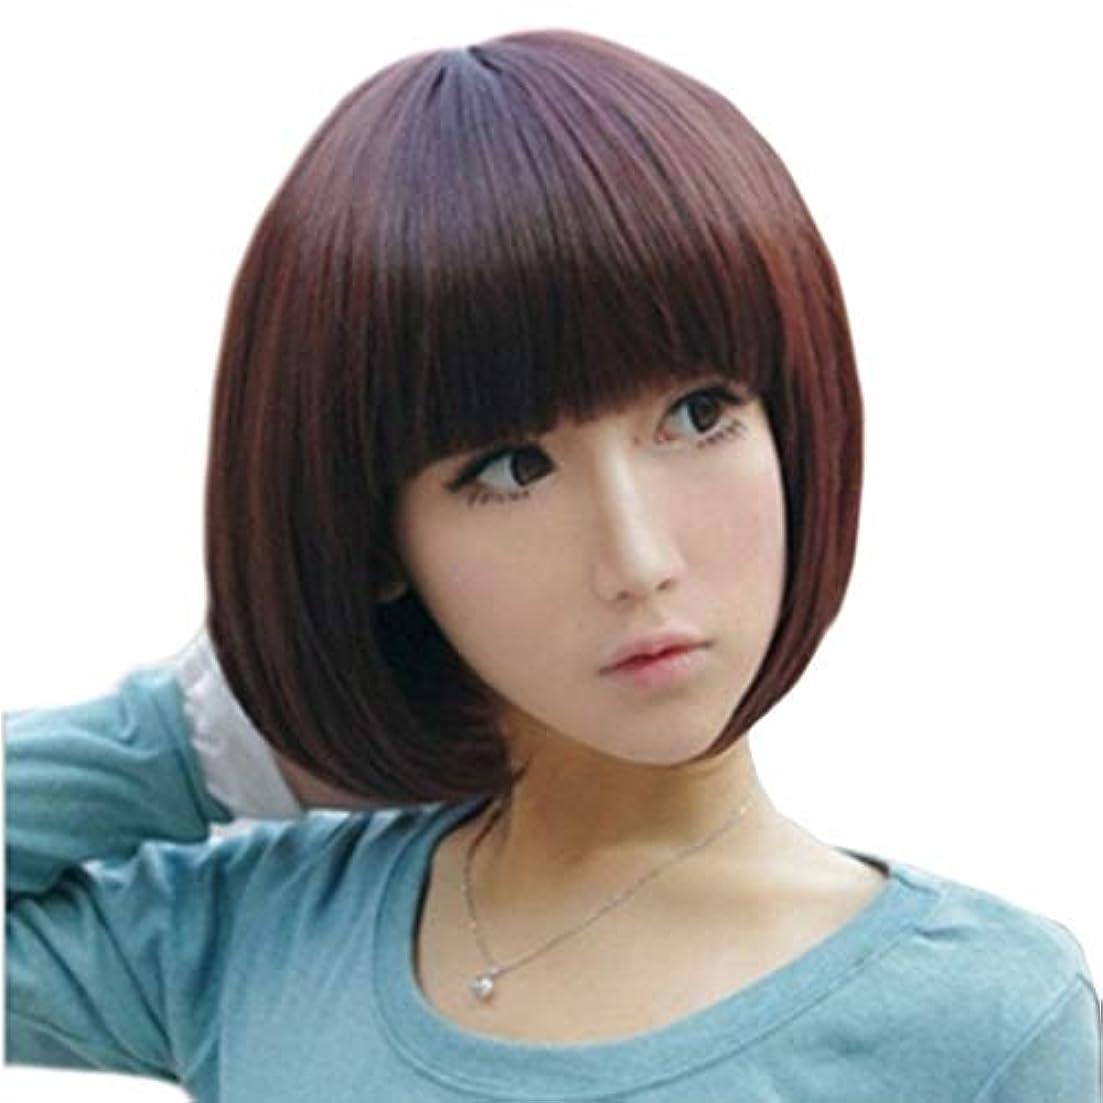 死すべきクーポン概念Summerys 本物の髪のように自然な女性のための平らな前髪でストレートショートボブの髪かつら